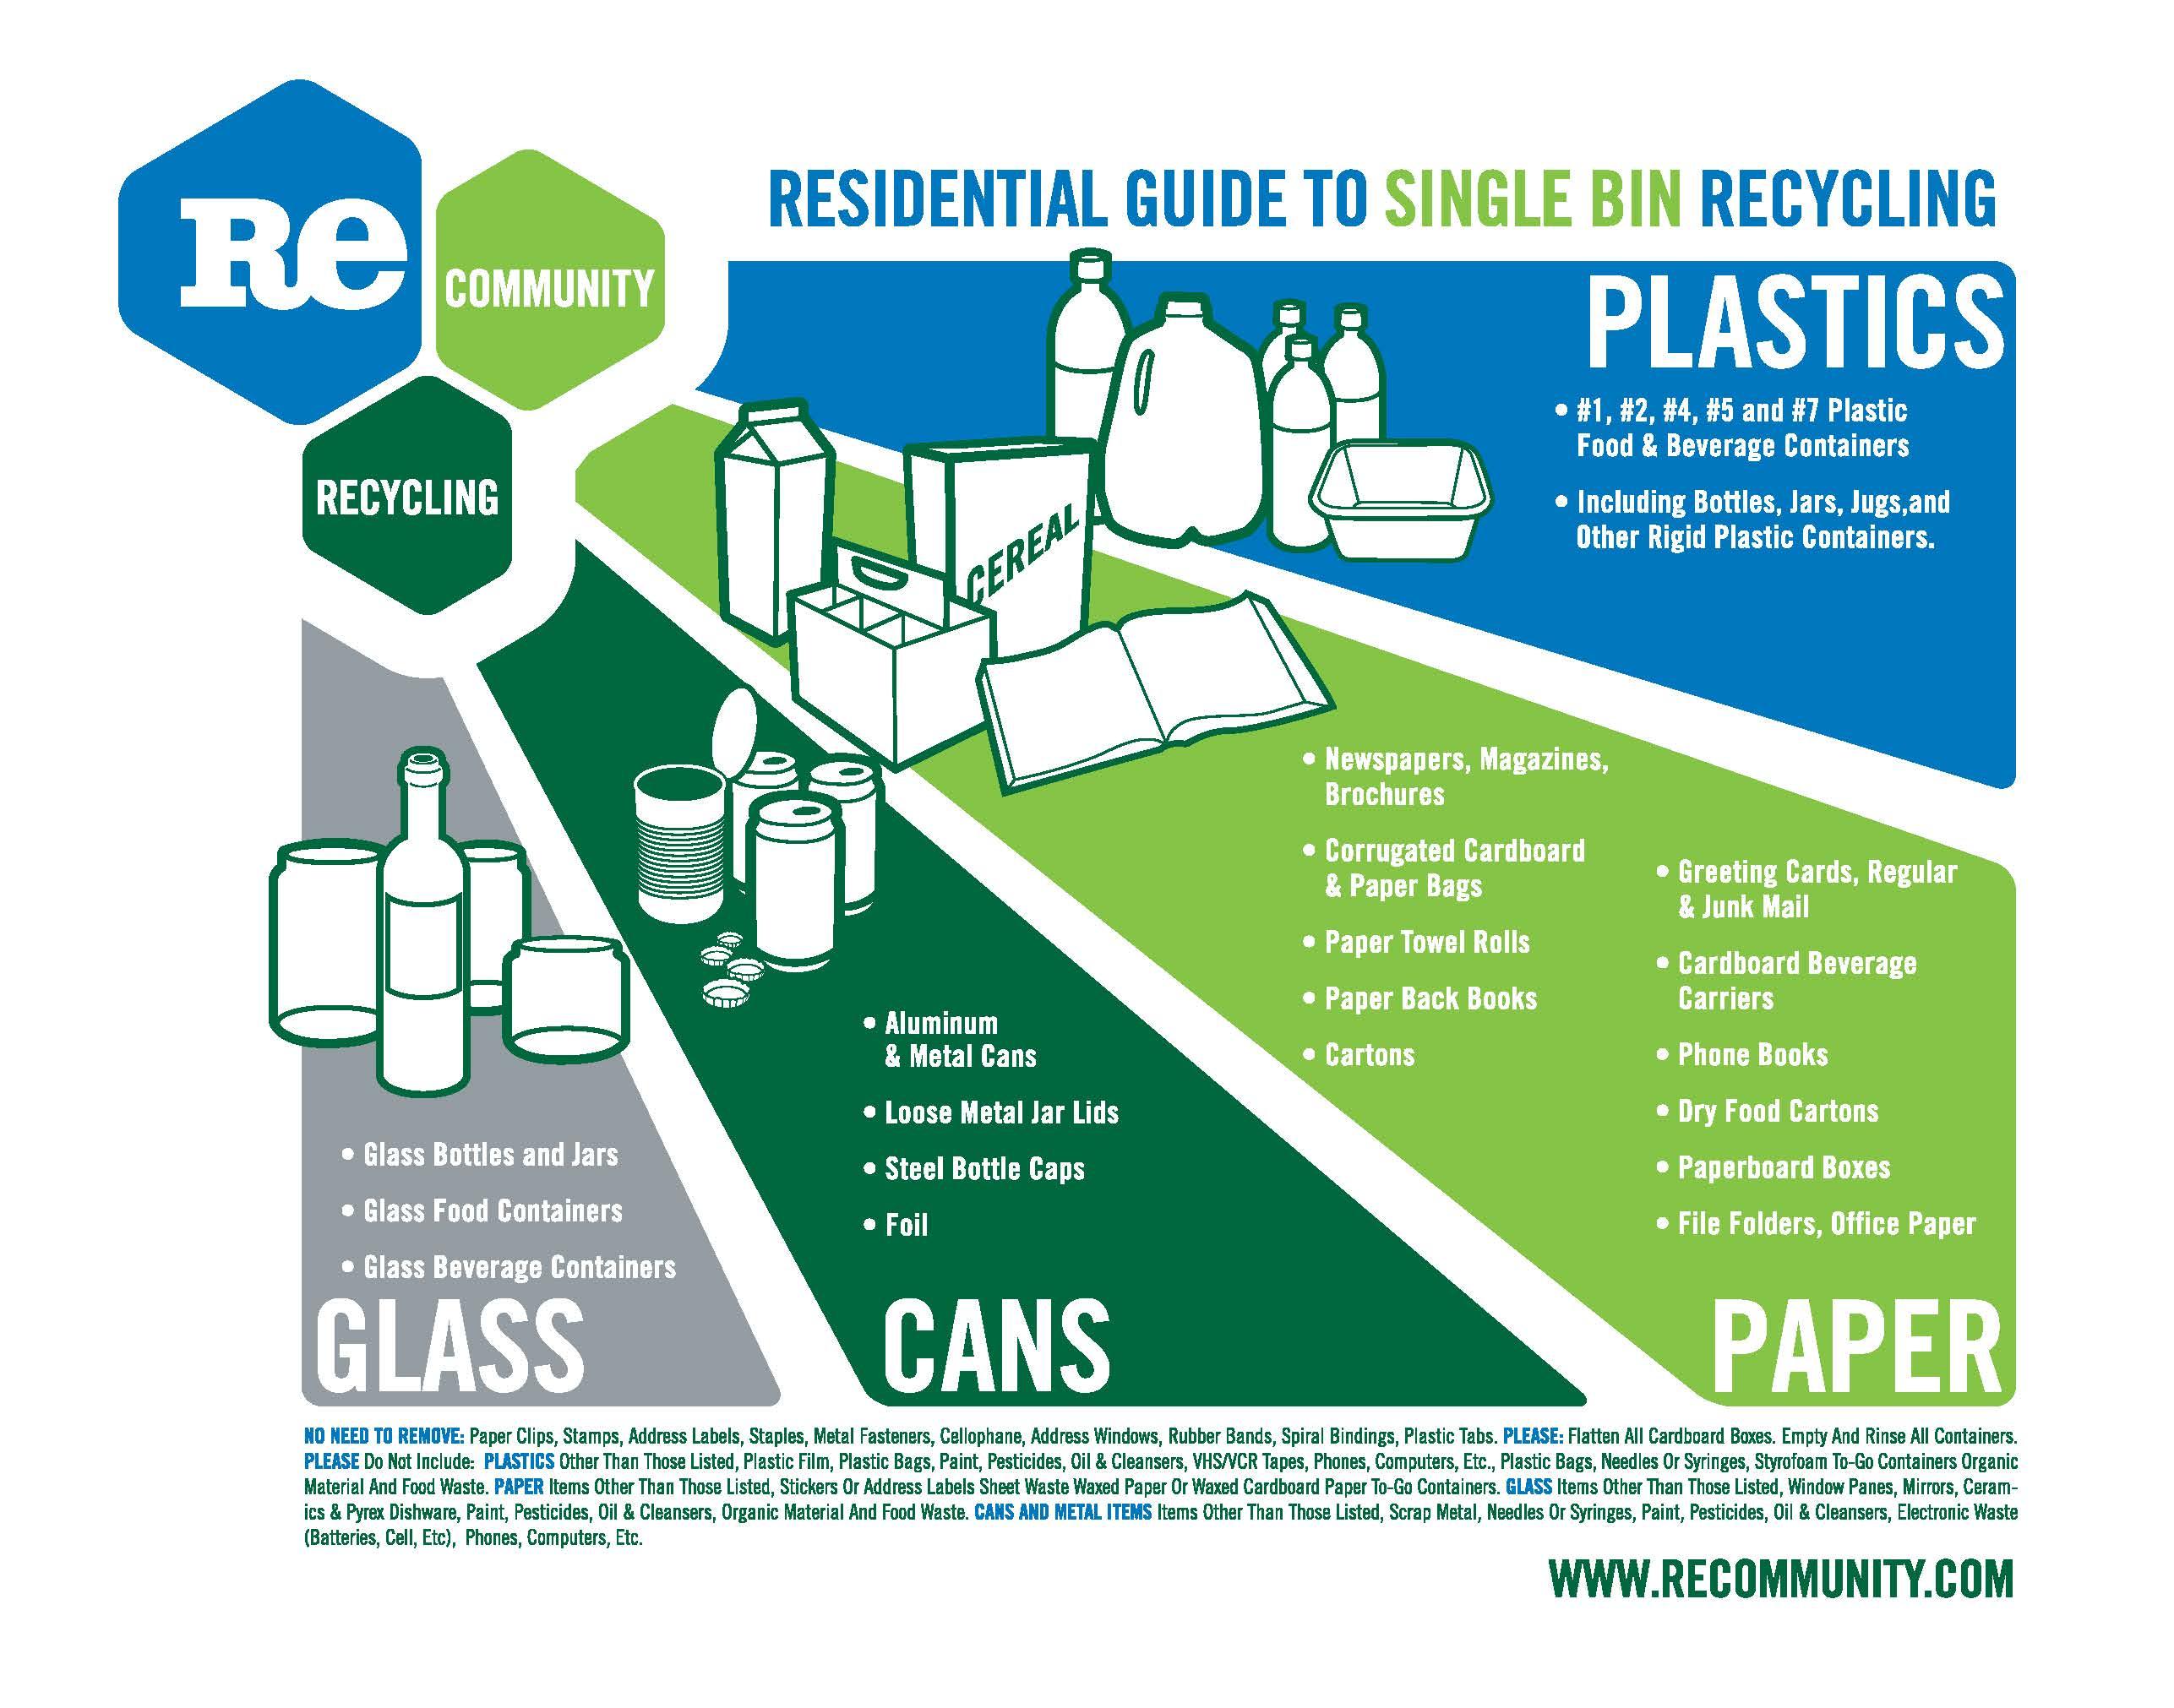 Thornbury Township Recycling